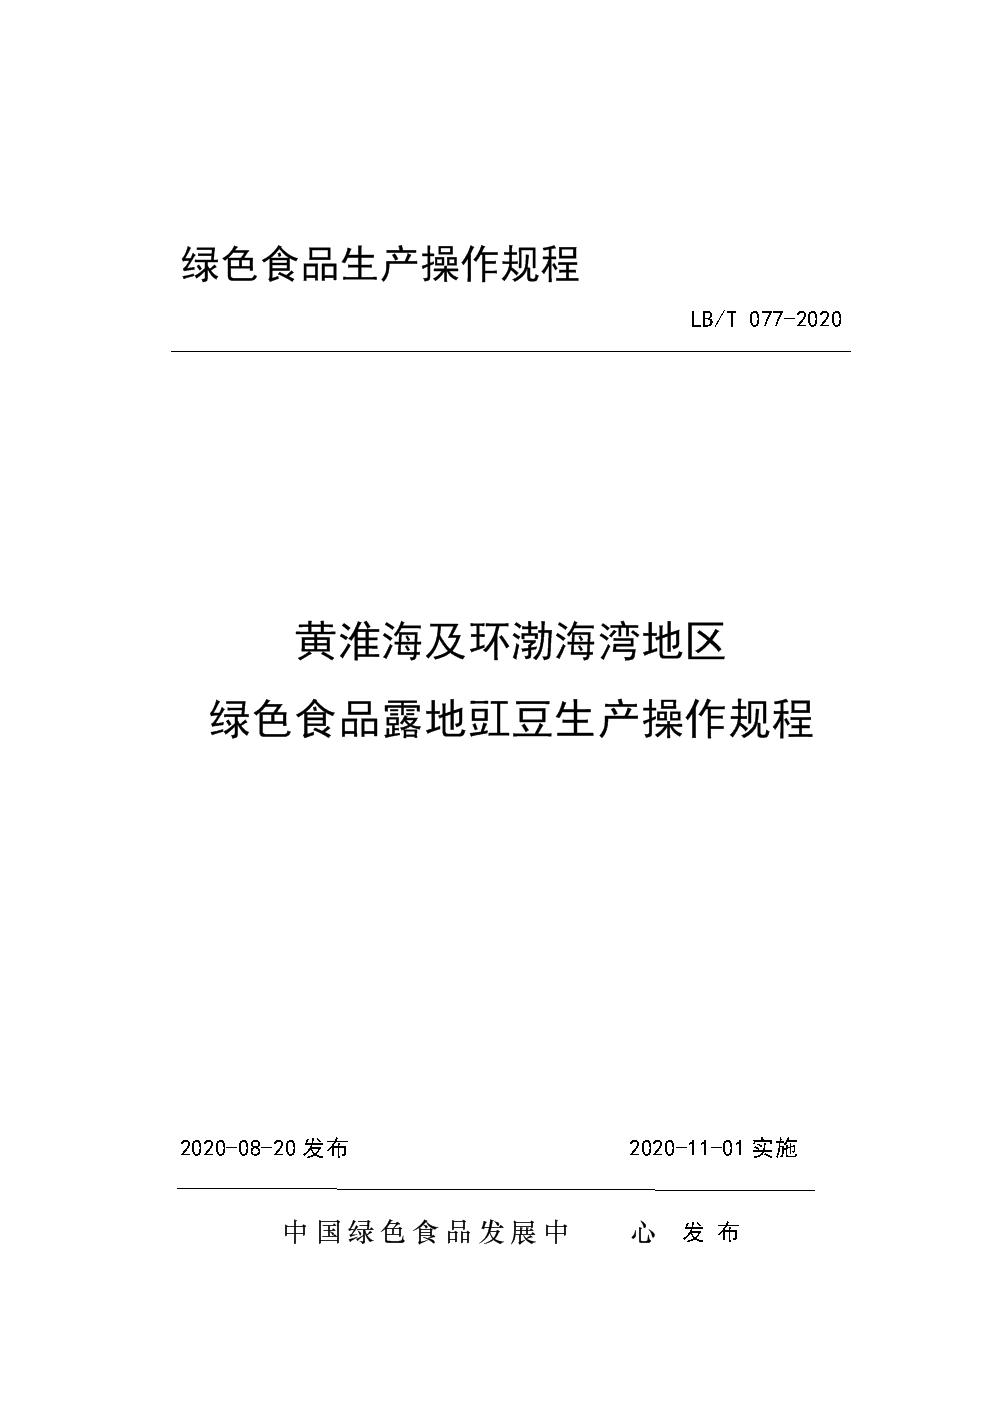 黄淮海及环渤海湾地区  绿色食品露地豇豆生产操作规程.doc